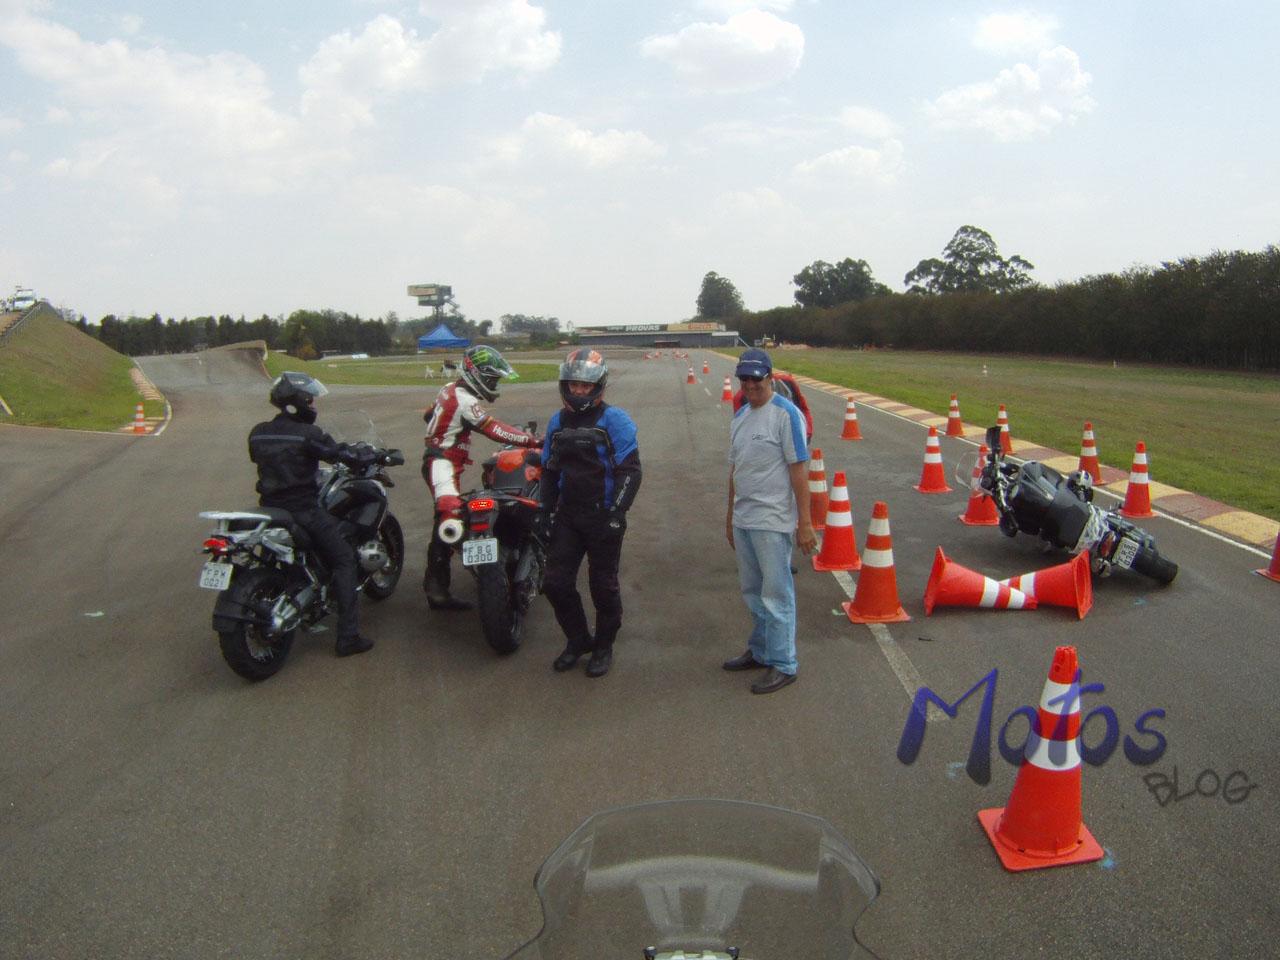 Moto caída no chão